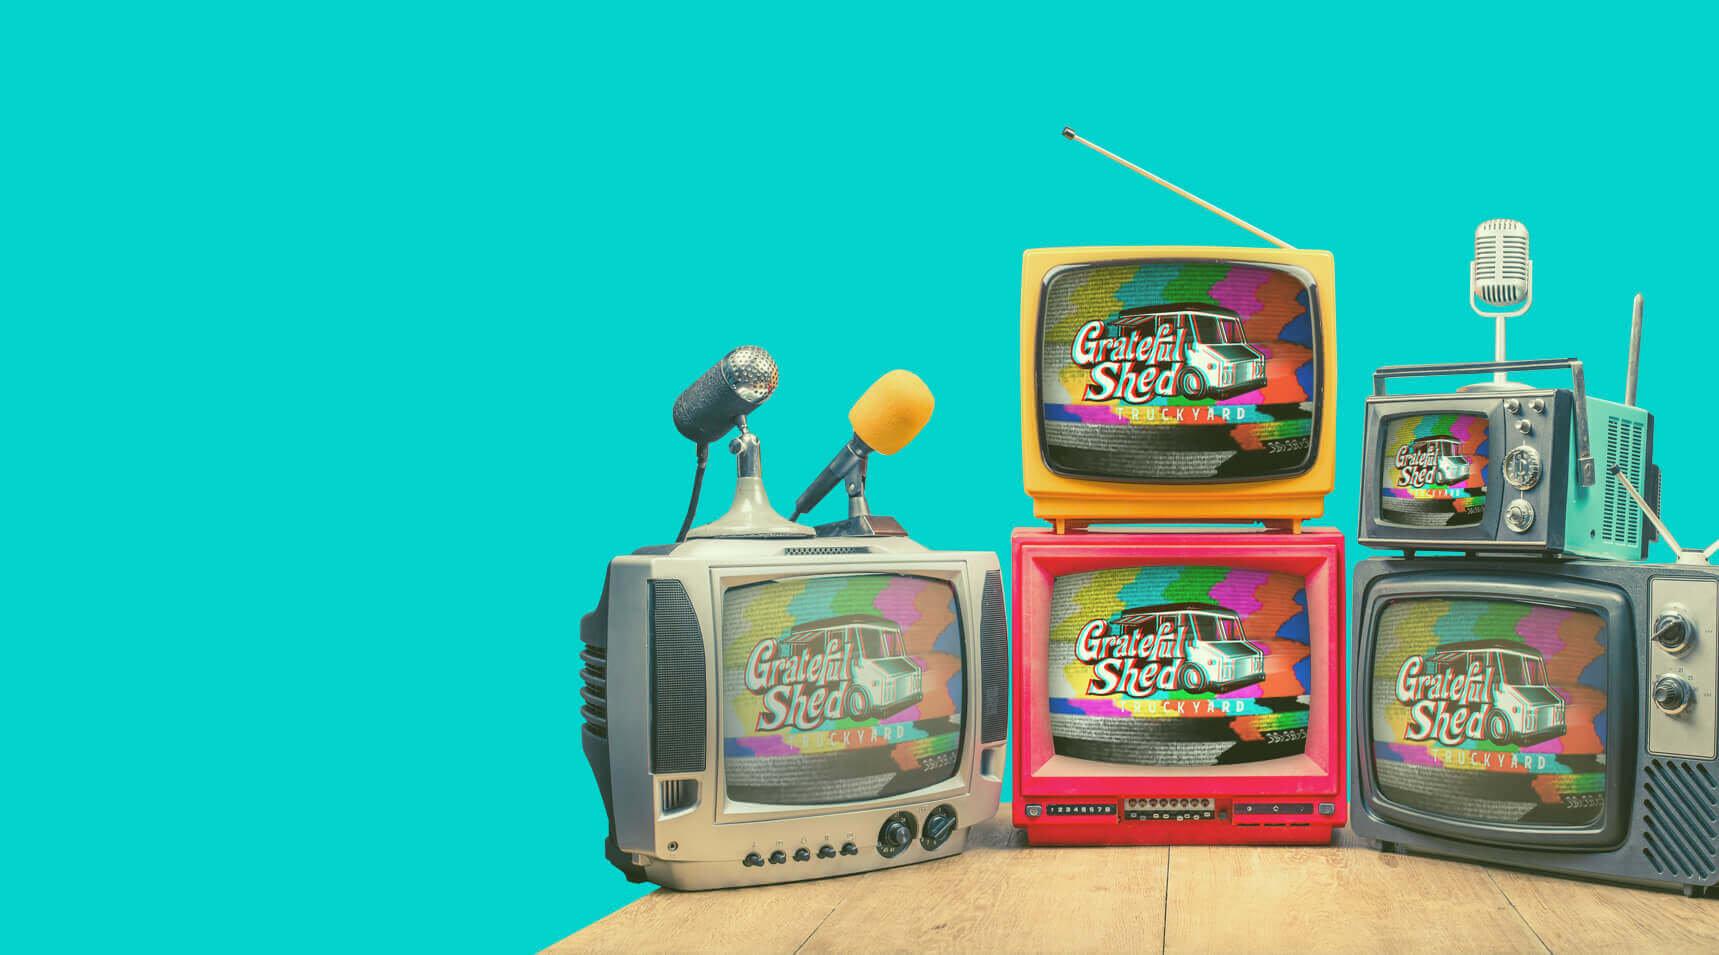 Retro TVs displaying the Grateful Shed Truckyard Logo